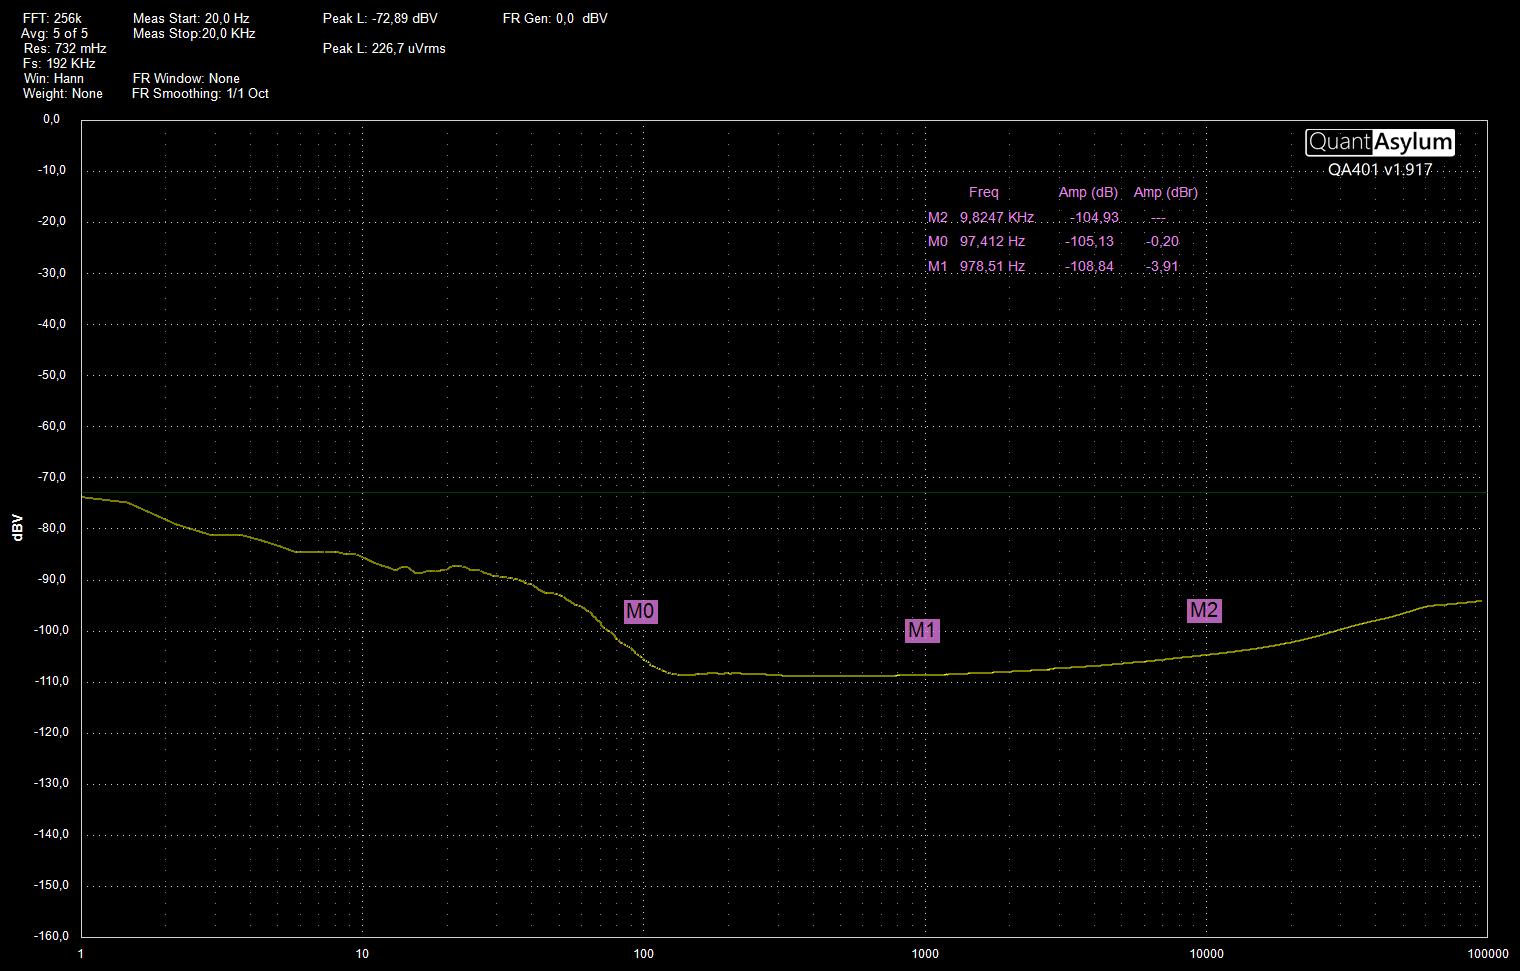 SMDDB LM4562 CMRR 1 - 100k Hz FFT256k FS192k.png